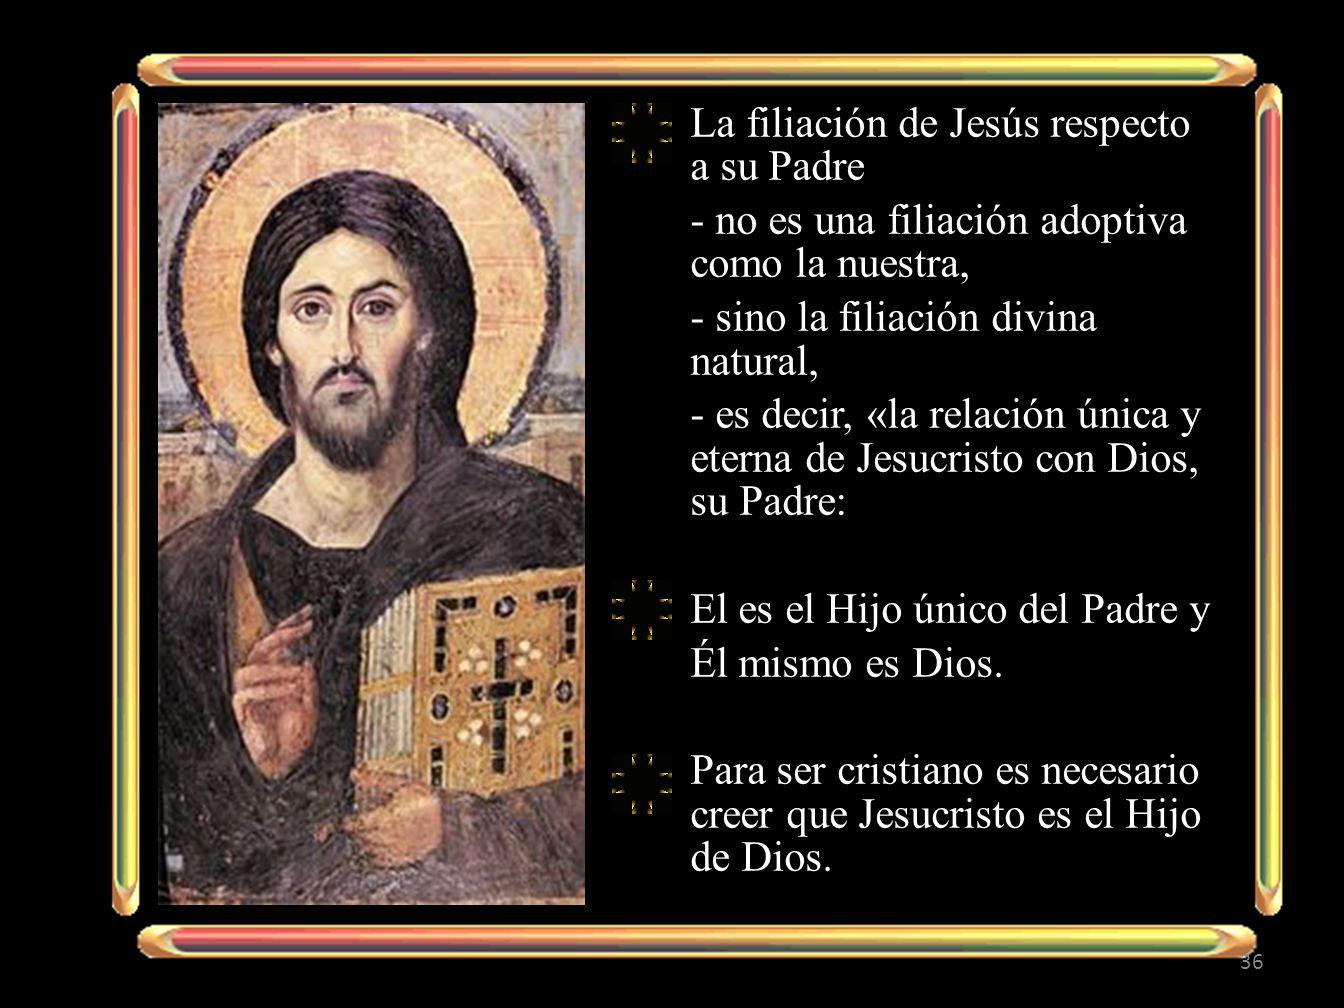 La filiación de Jesús respecto a su Padre